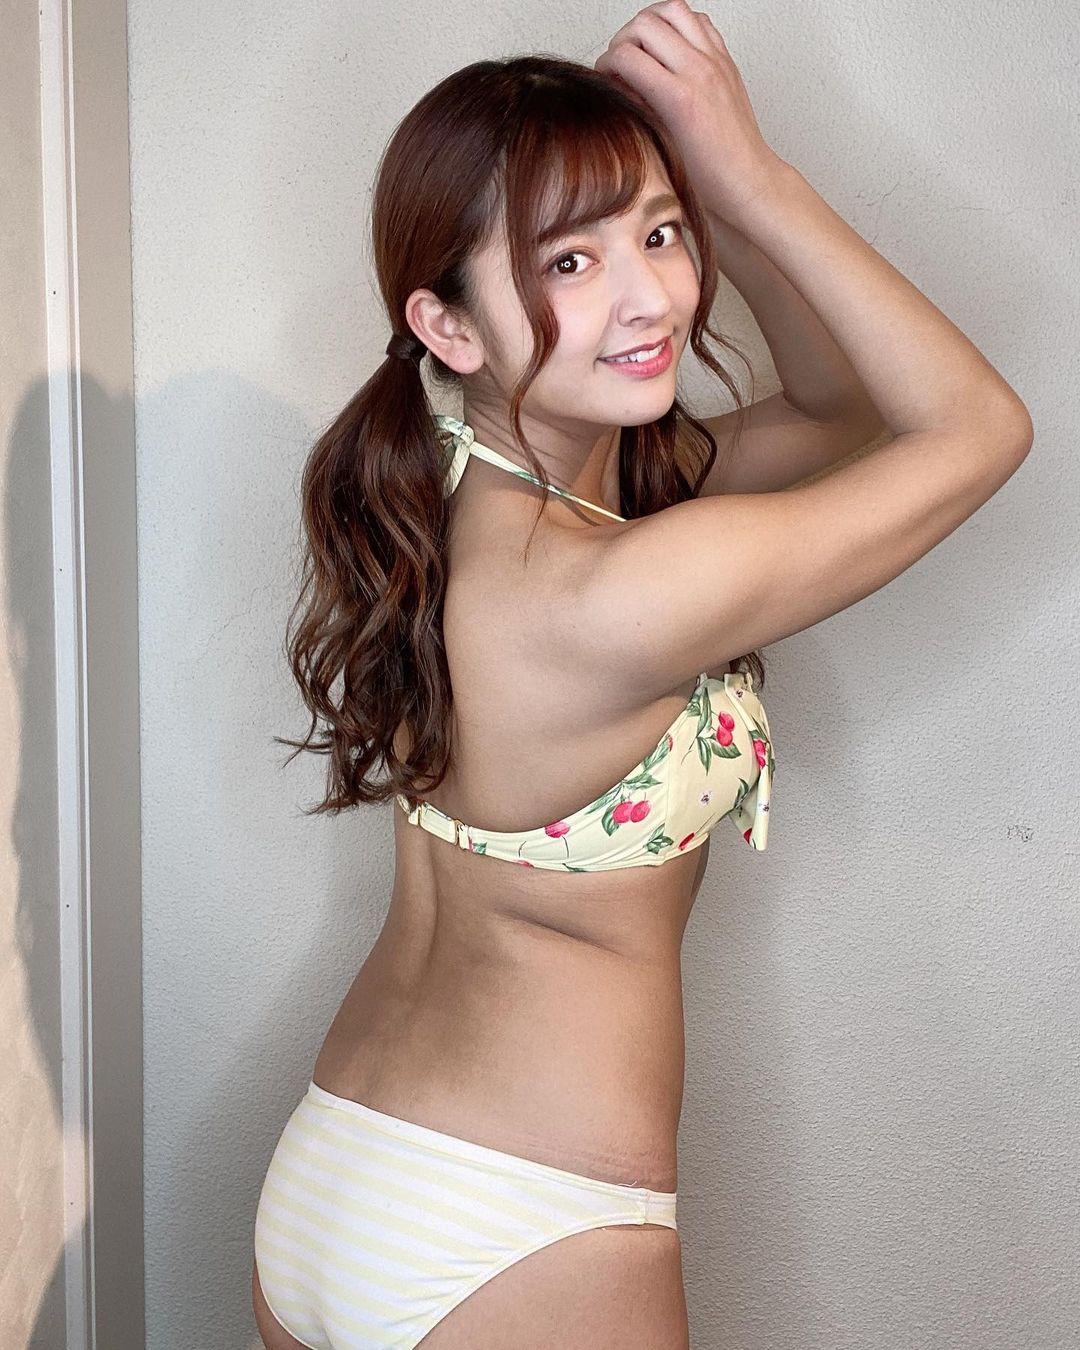 「おしり❤︎❤︎❤︎」セクシービキニショットで美尻を披露【徳江かなさん/2021年4月23日】